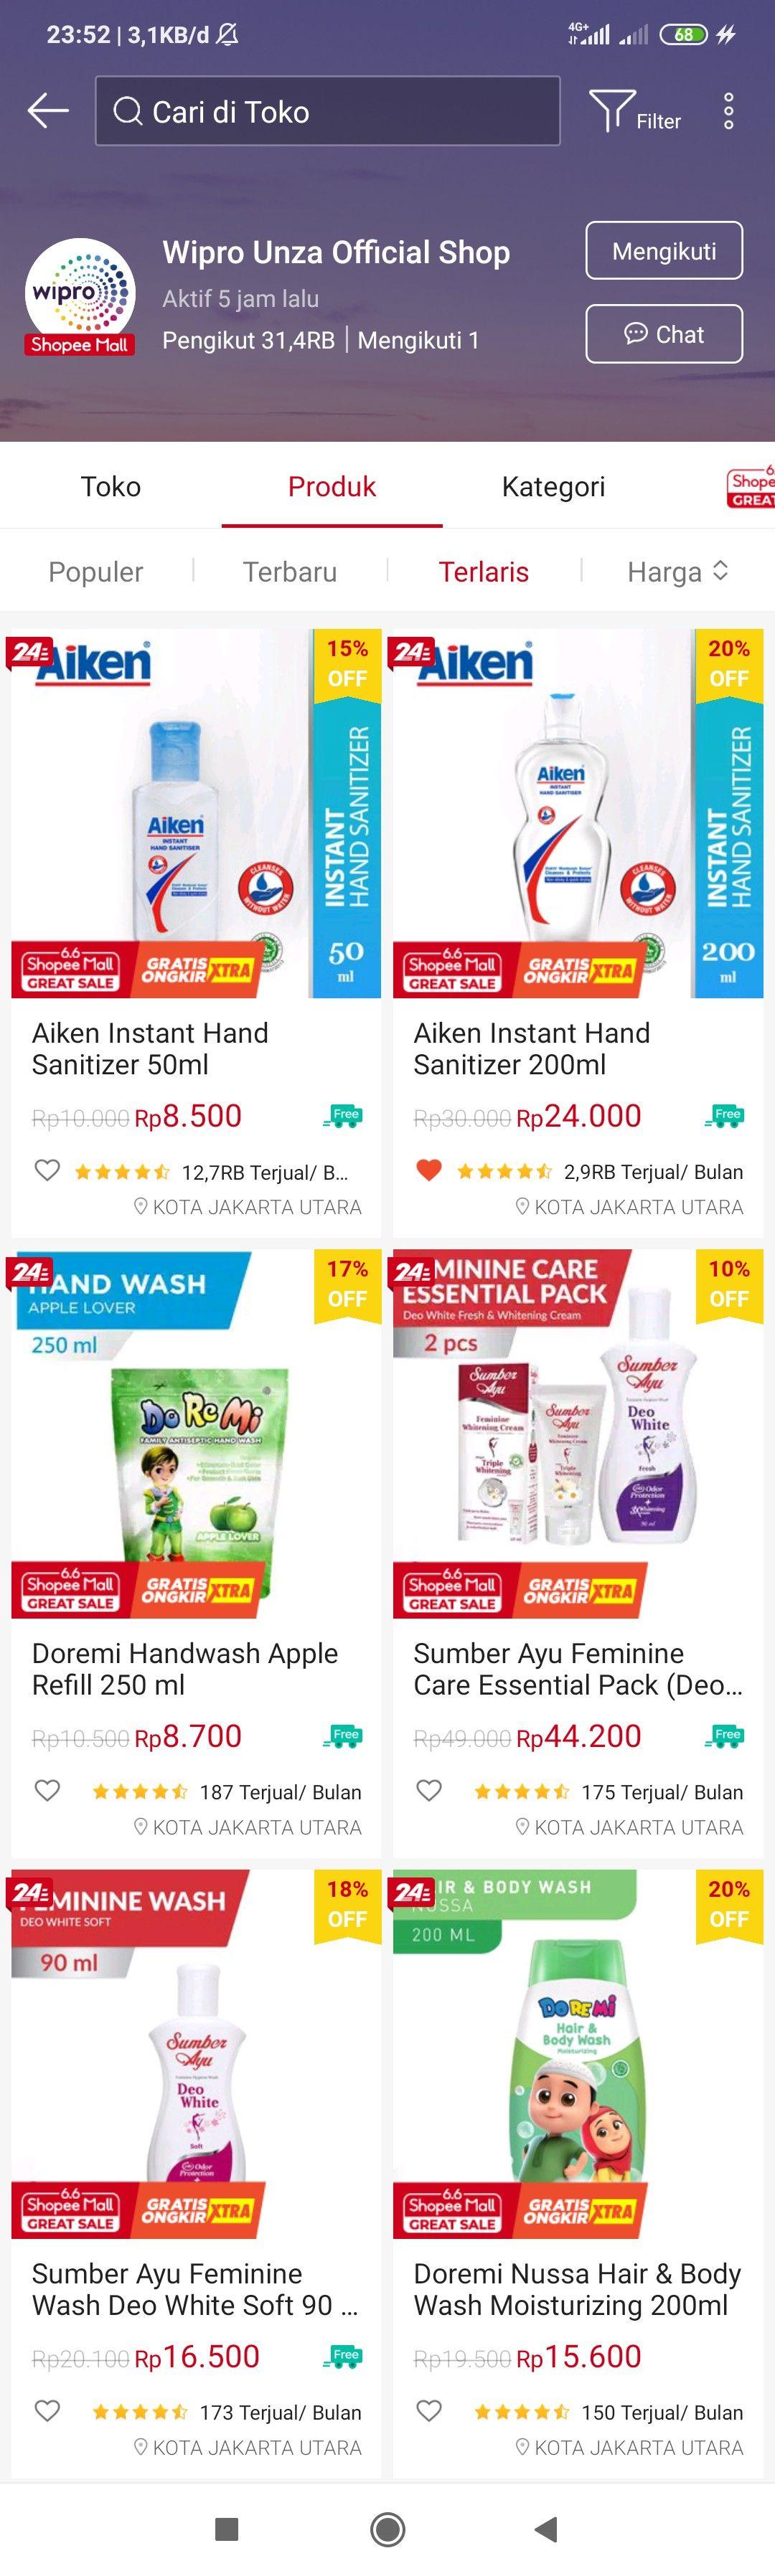 Hand Sanitizer Aplikasi Produk Filter